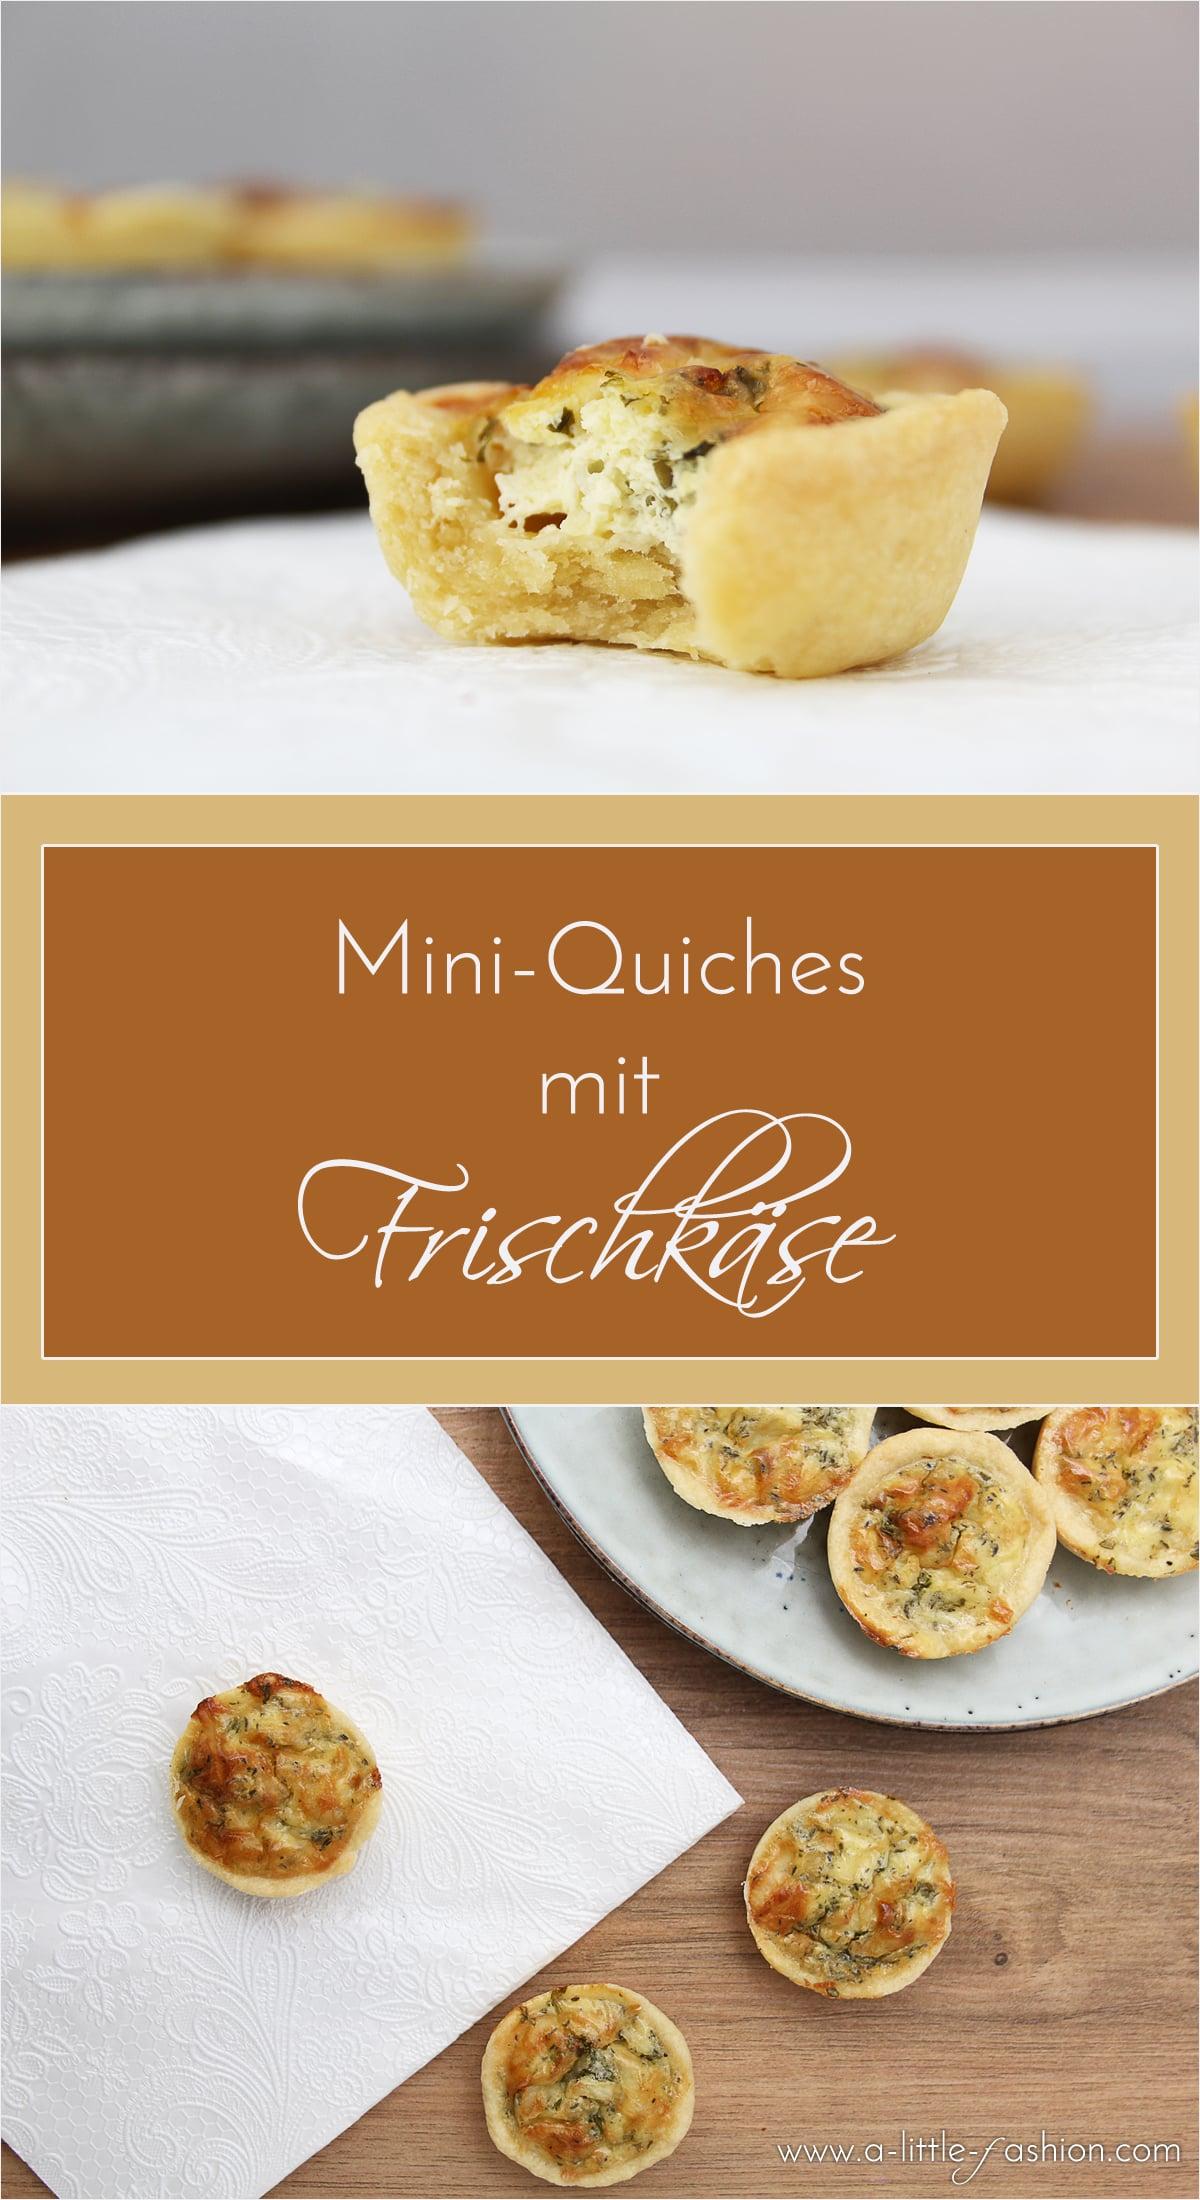 Mini-Quiches mit Kräuter-Frischkäse | A Little Fashion